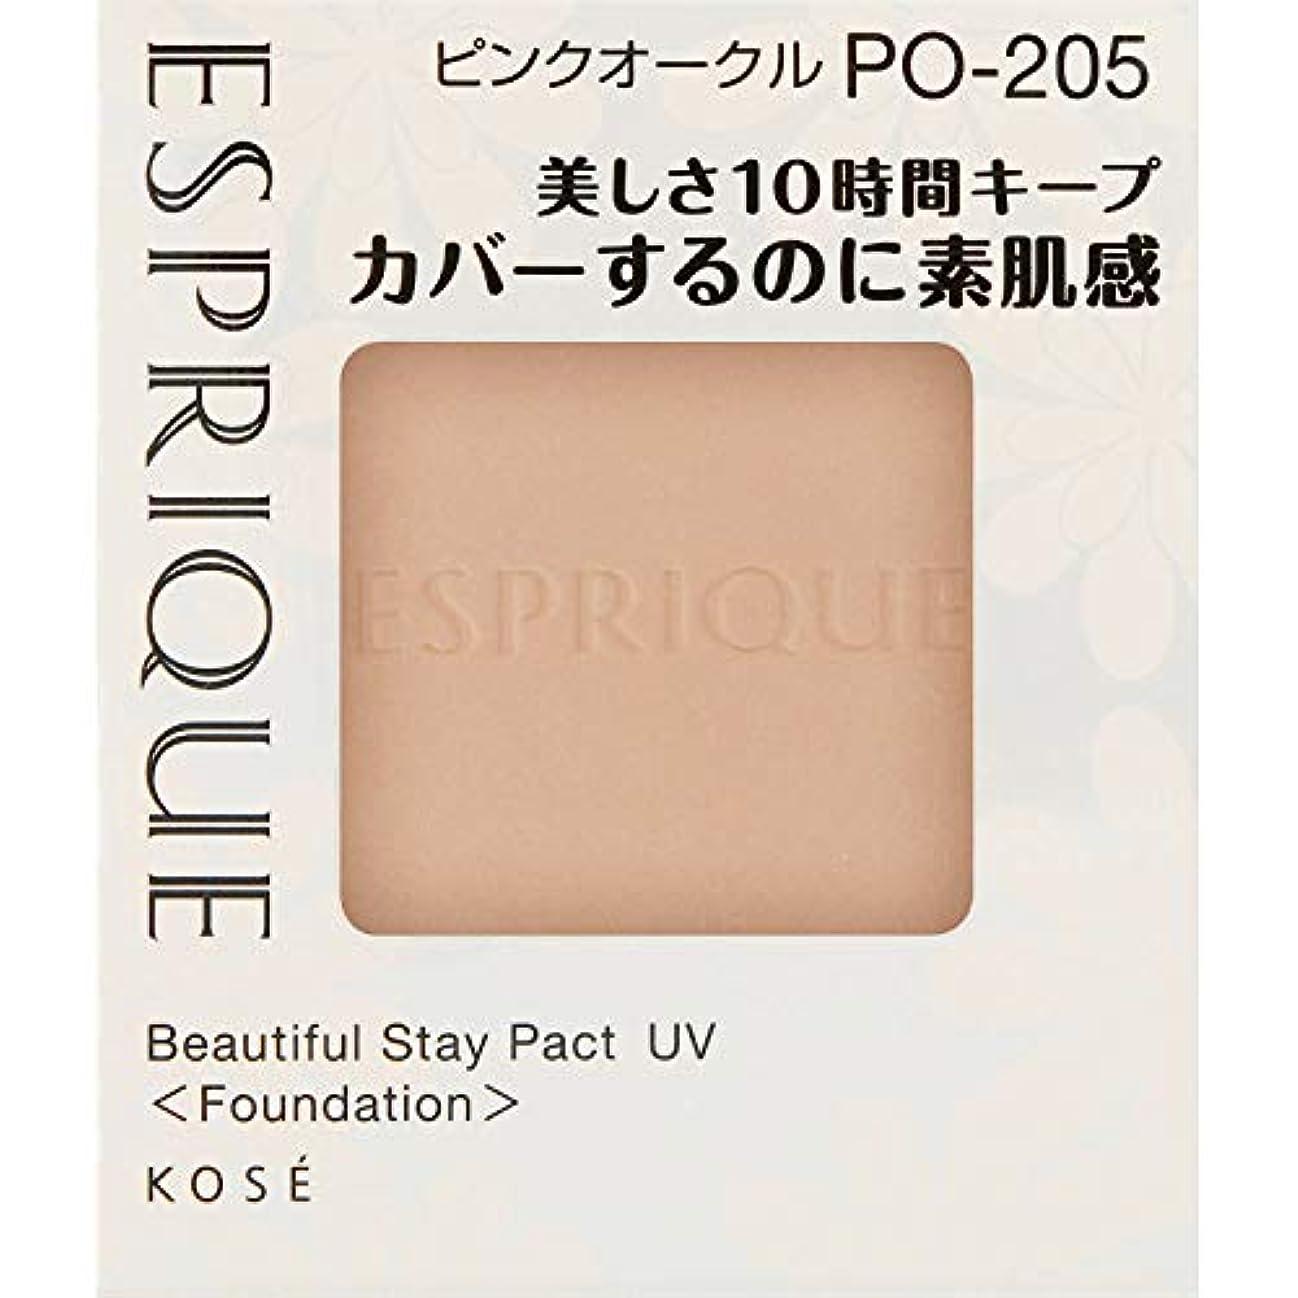 勇敢な非常に怒っています極小エスプリーク カバーするのに素肌感持続 パクト UV PO-205 ピンクオークル 9.3g